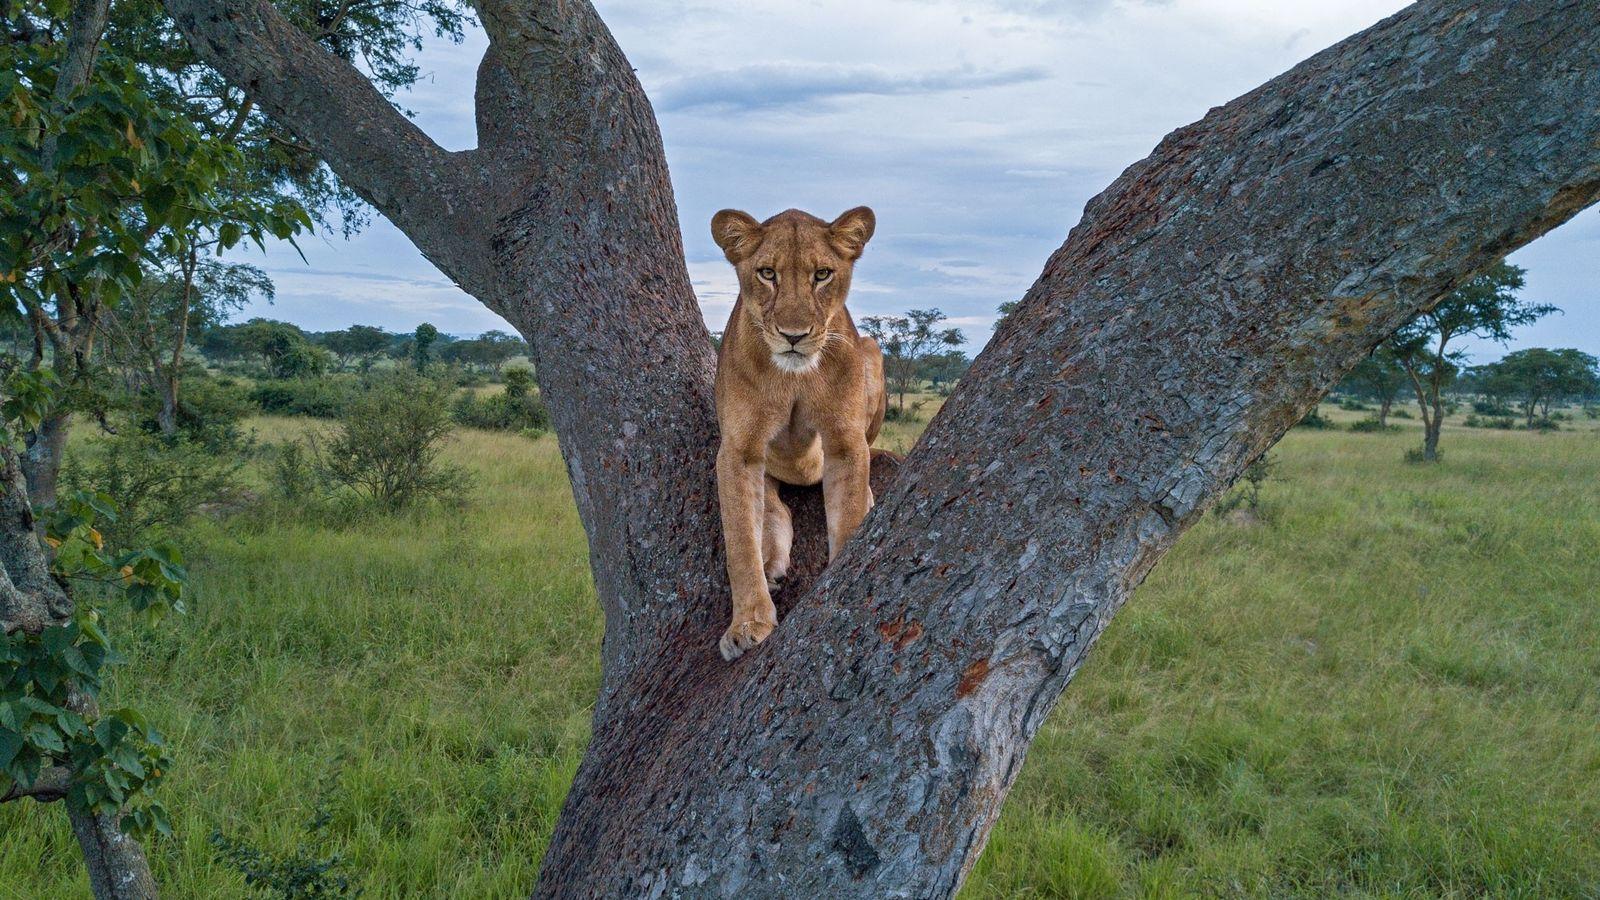 Uma leoa descansa no tronco bifurcado de uma árvore no Parque Nacional Rainha Elizabeth, em Uganda. ...